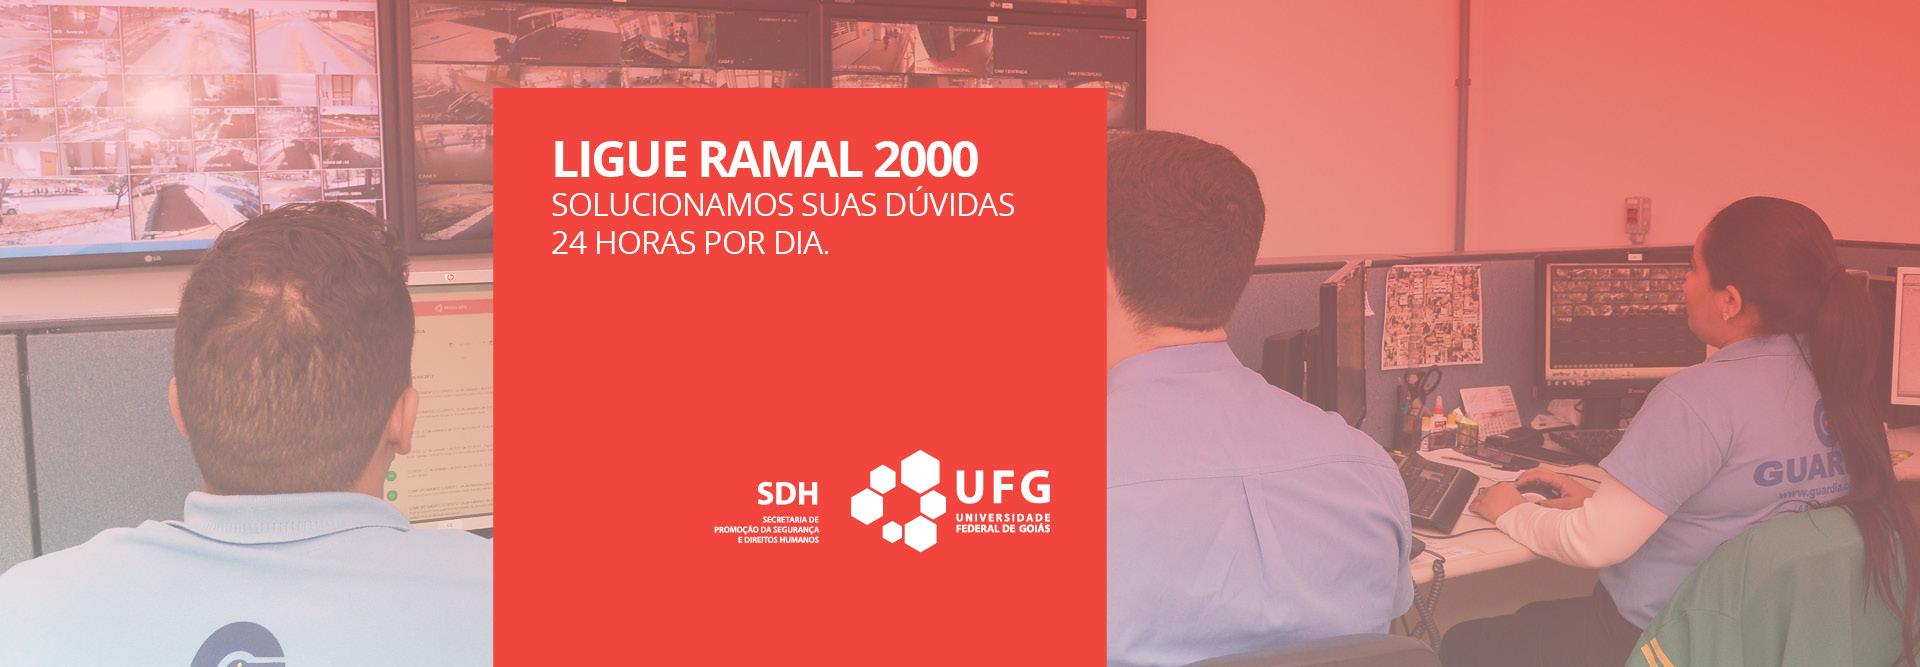 Ligue Ramal 2000